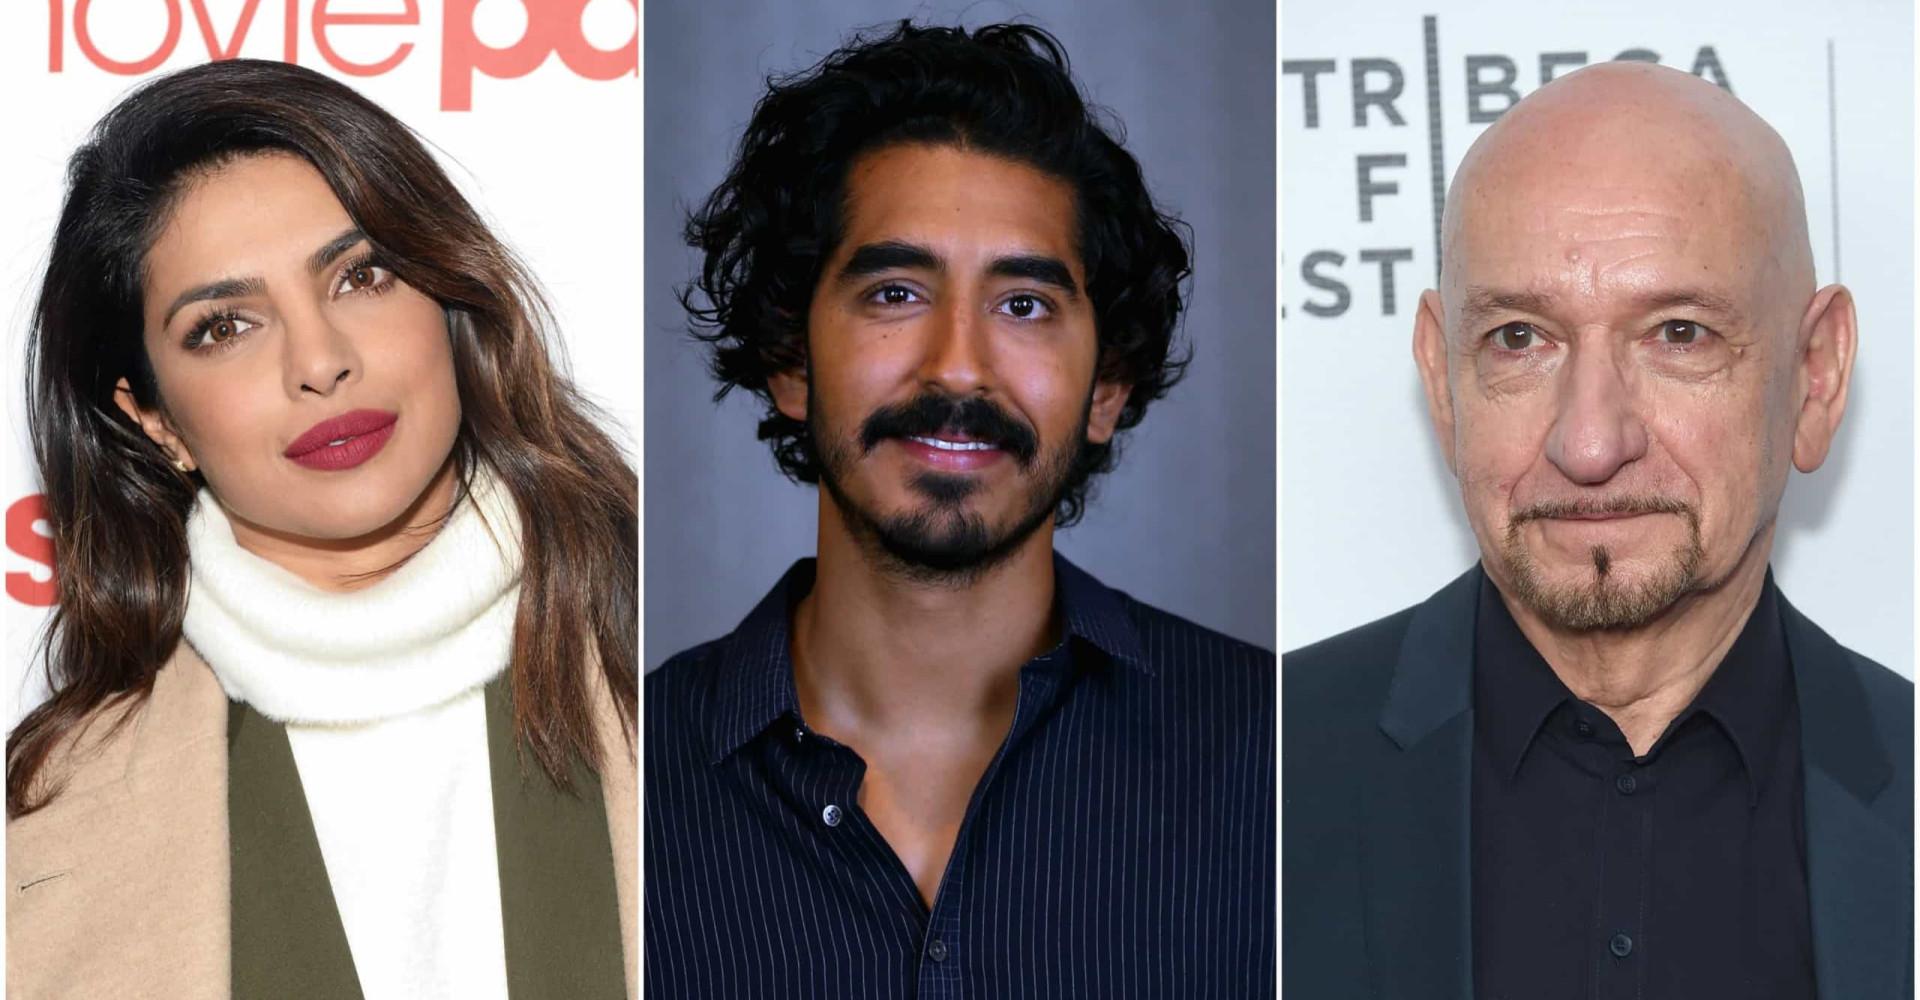 Indiske skuespillere der klarer sig godt i Hollywood